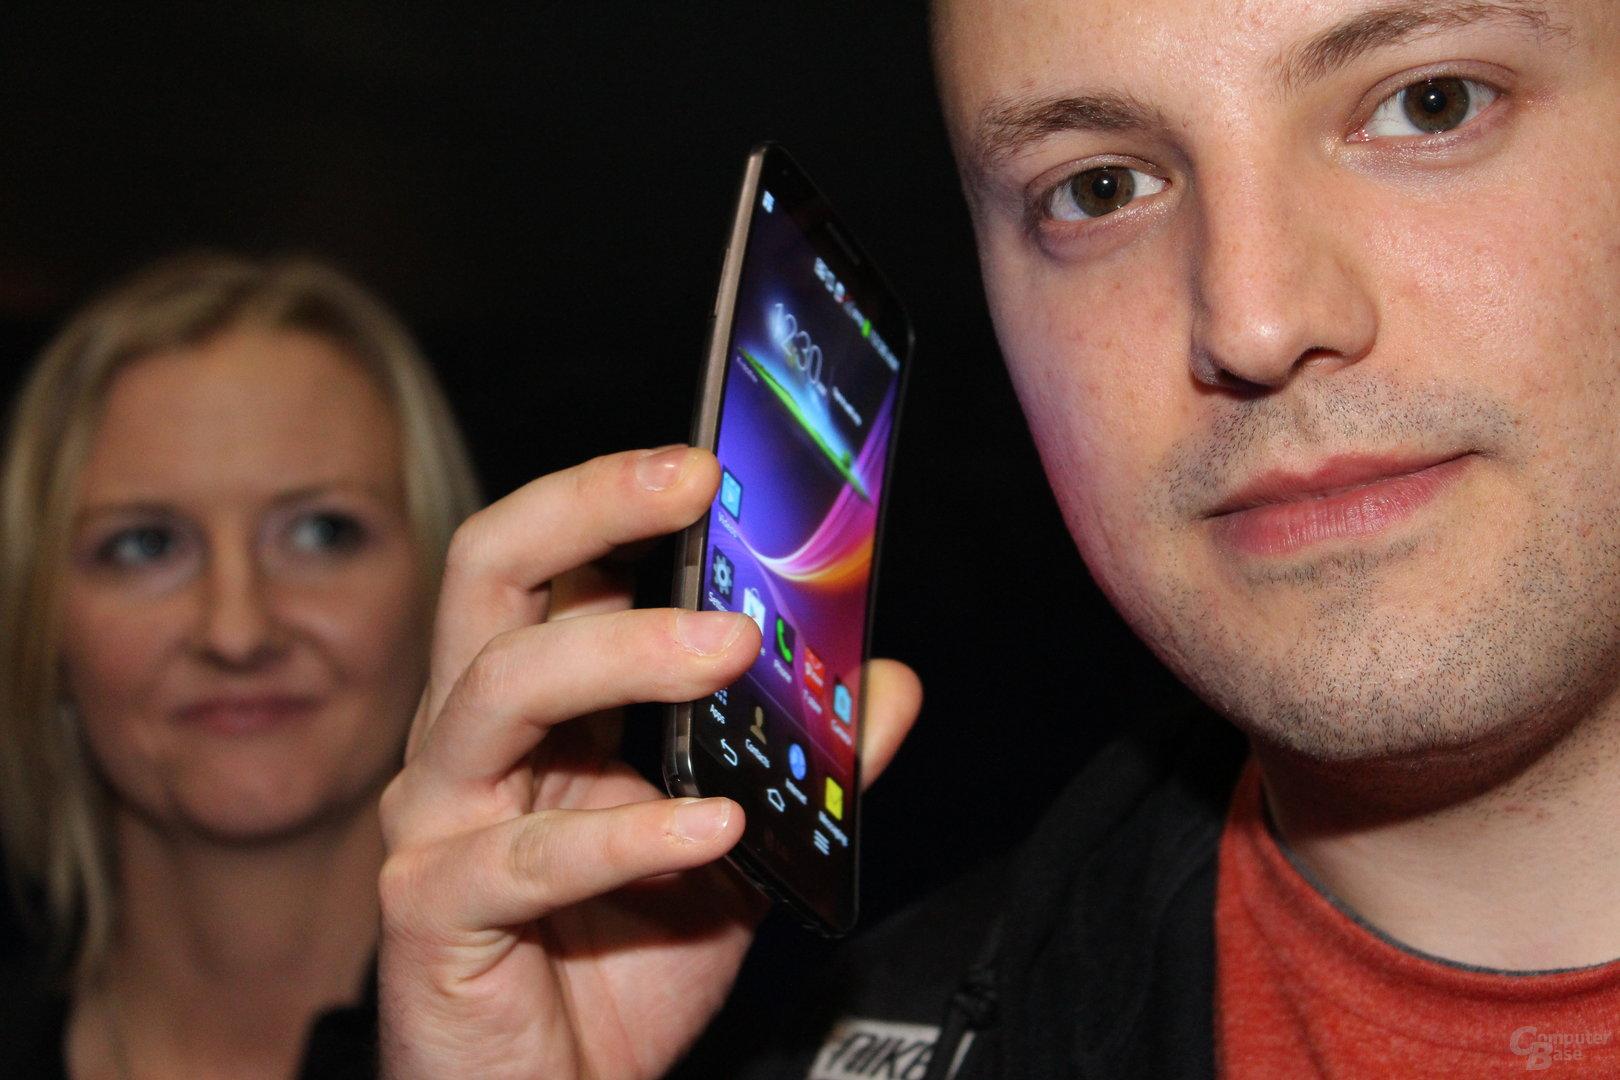 LG G Flex zeigt sich zur CES 2014